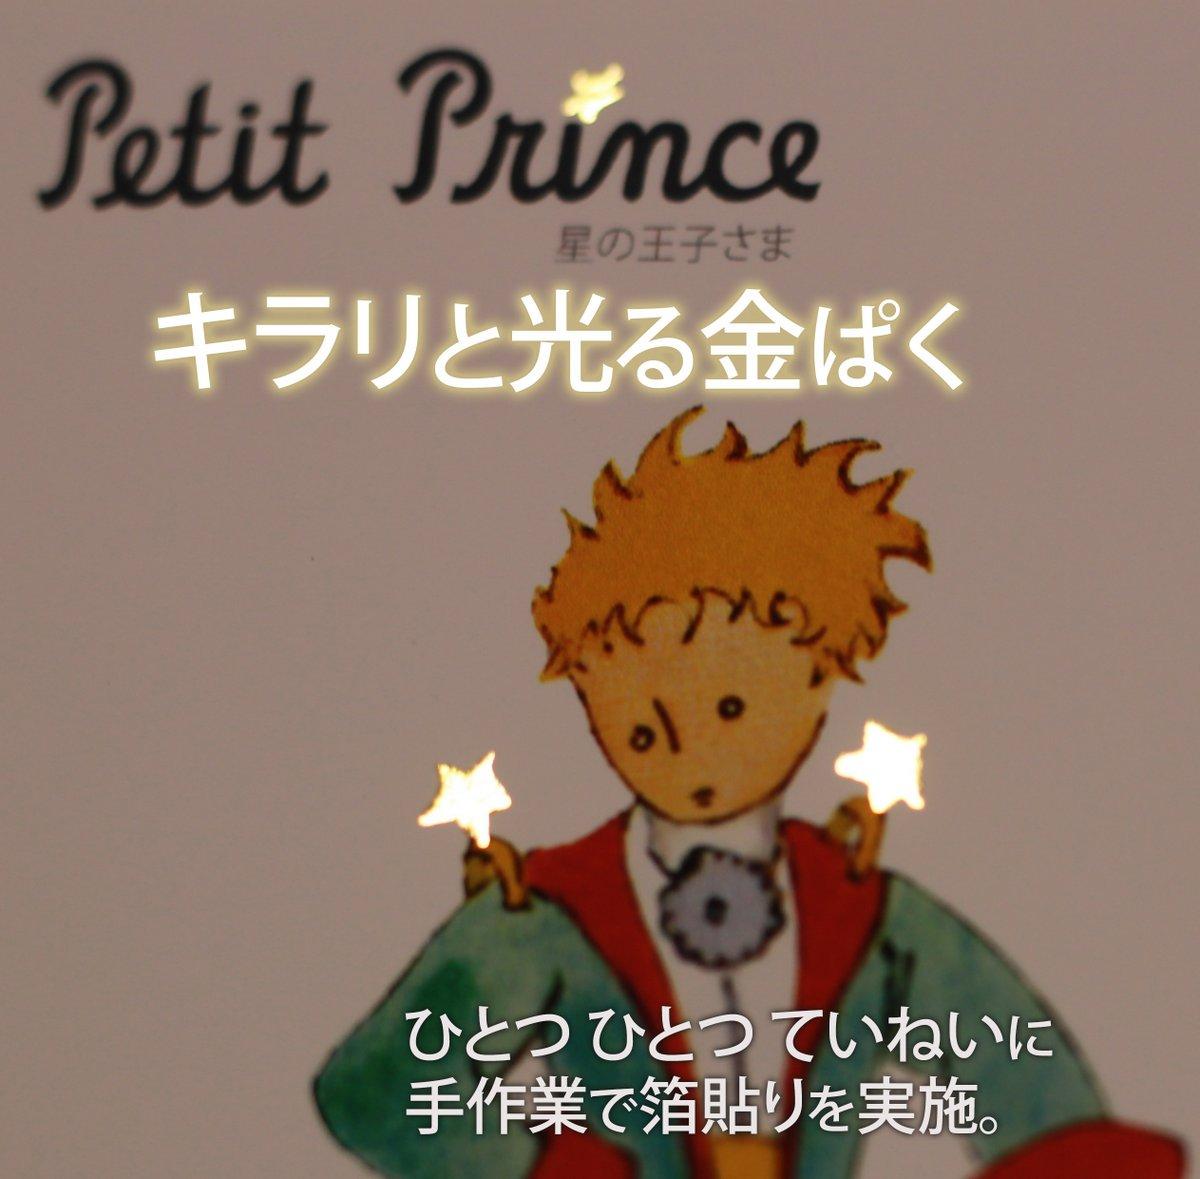 絵画 絵本フレーム 星の王子さま 大切なものは目に見えない 金ぱく加工 ナチュラルフレーム 壁掛け 立てかけ ジクレー版画